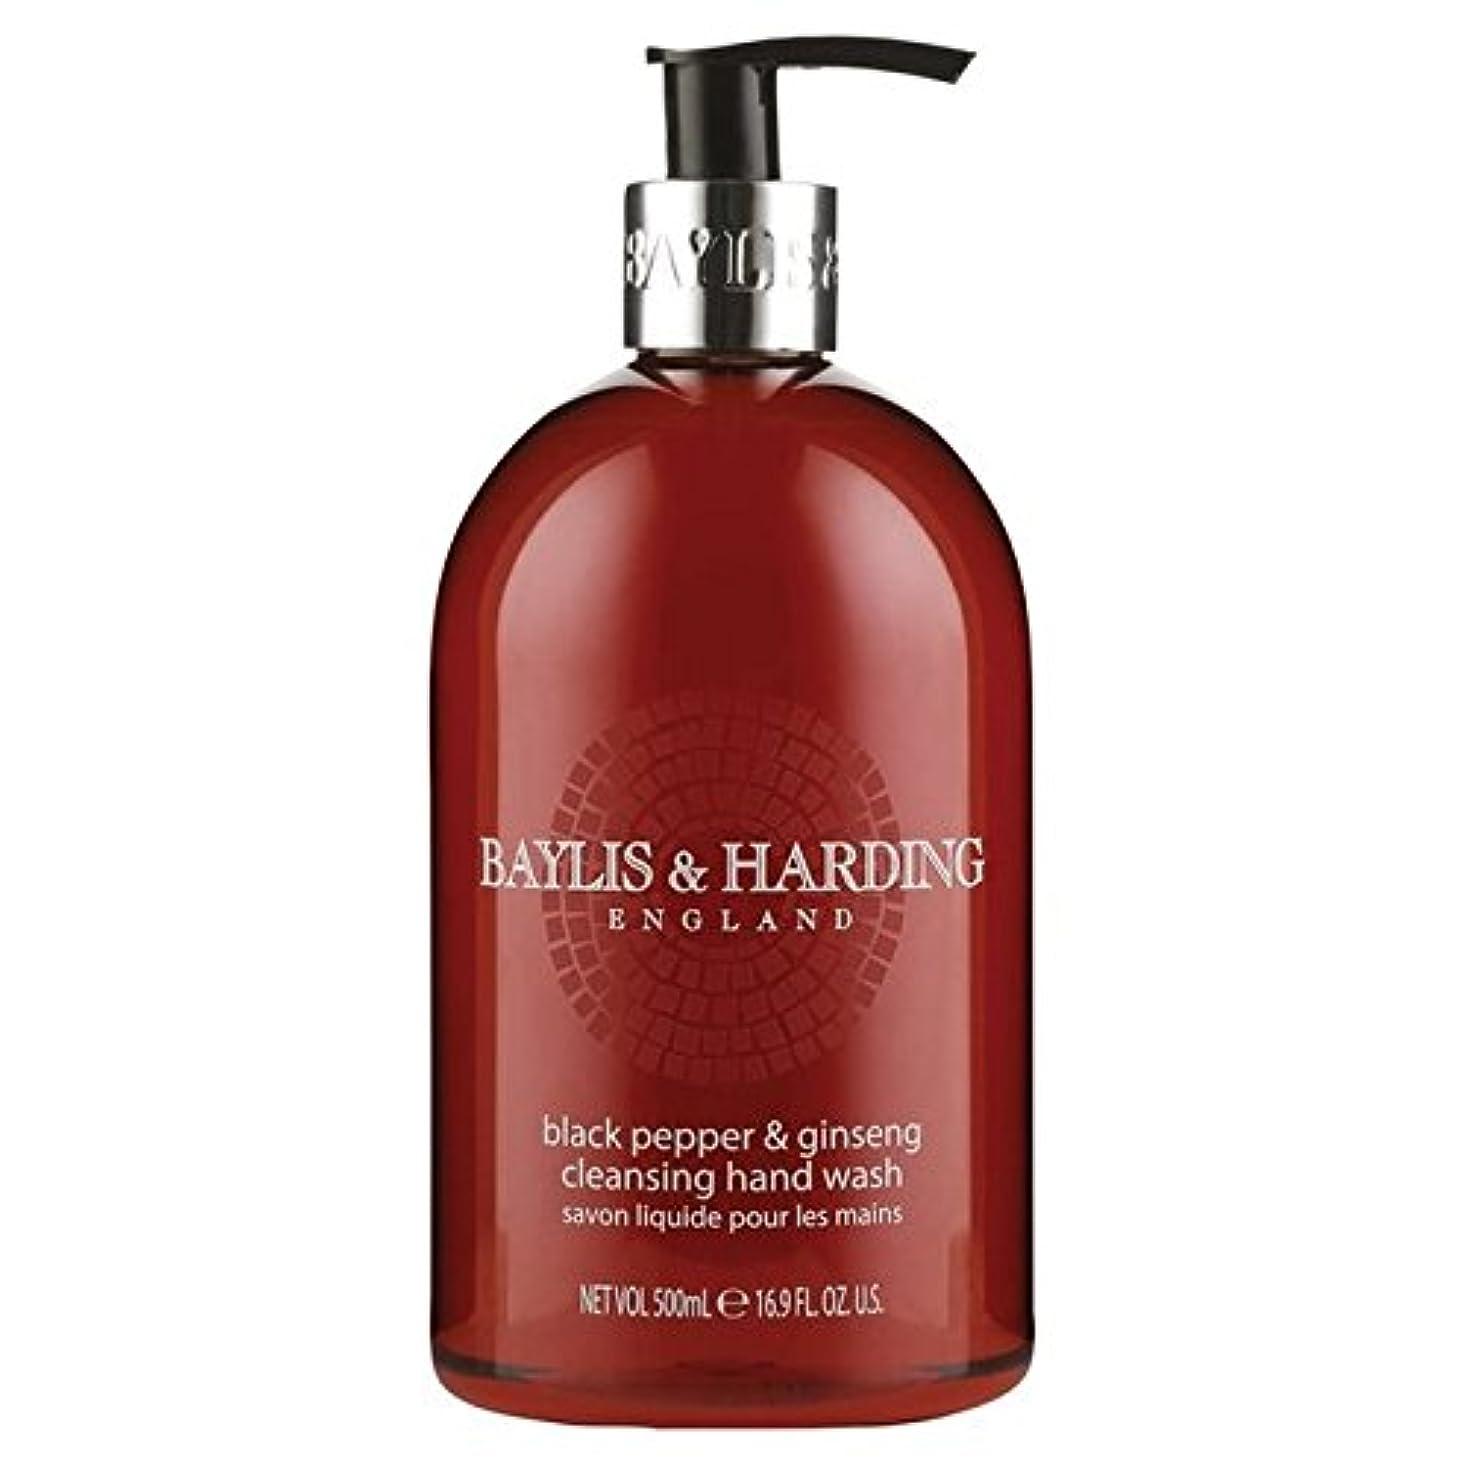 説教する切り離す迷惑Baylis & Harding Black Pepper & Ginseng Hand Wash 500ml - ベイリス&ハーディングブラックペッパー&人参のハンドウォッシュ500ミリリットル [並行輸入品]